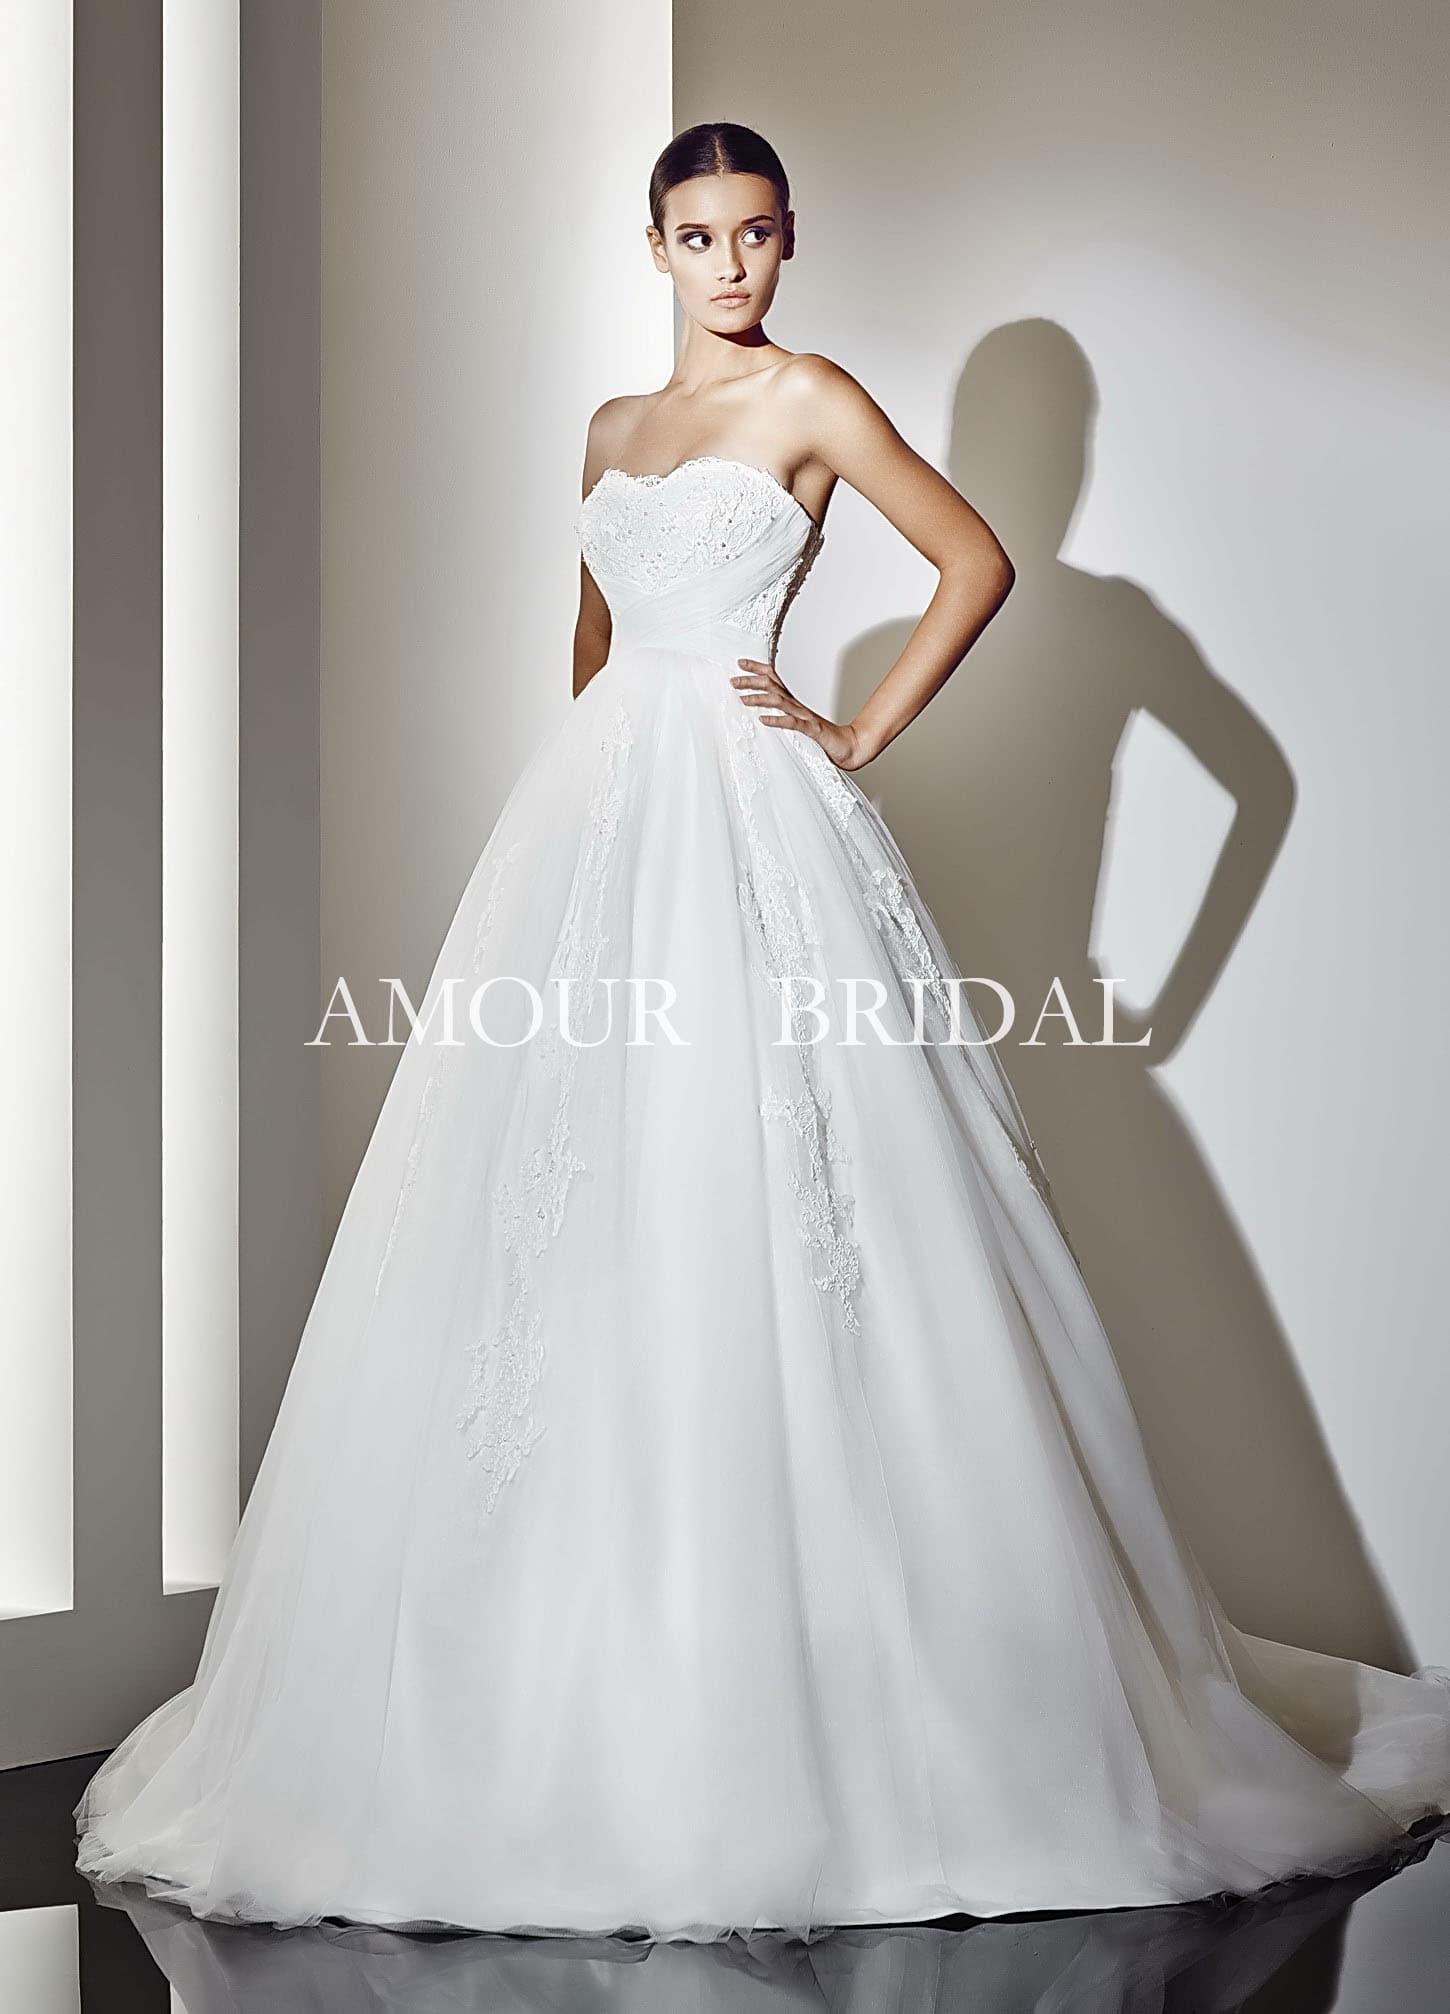 Амур бридал платья свадебные